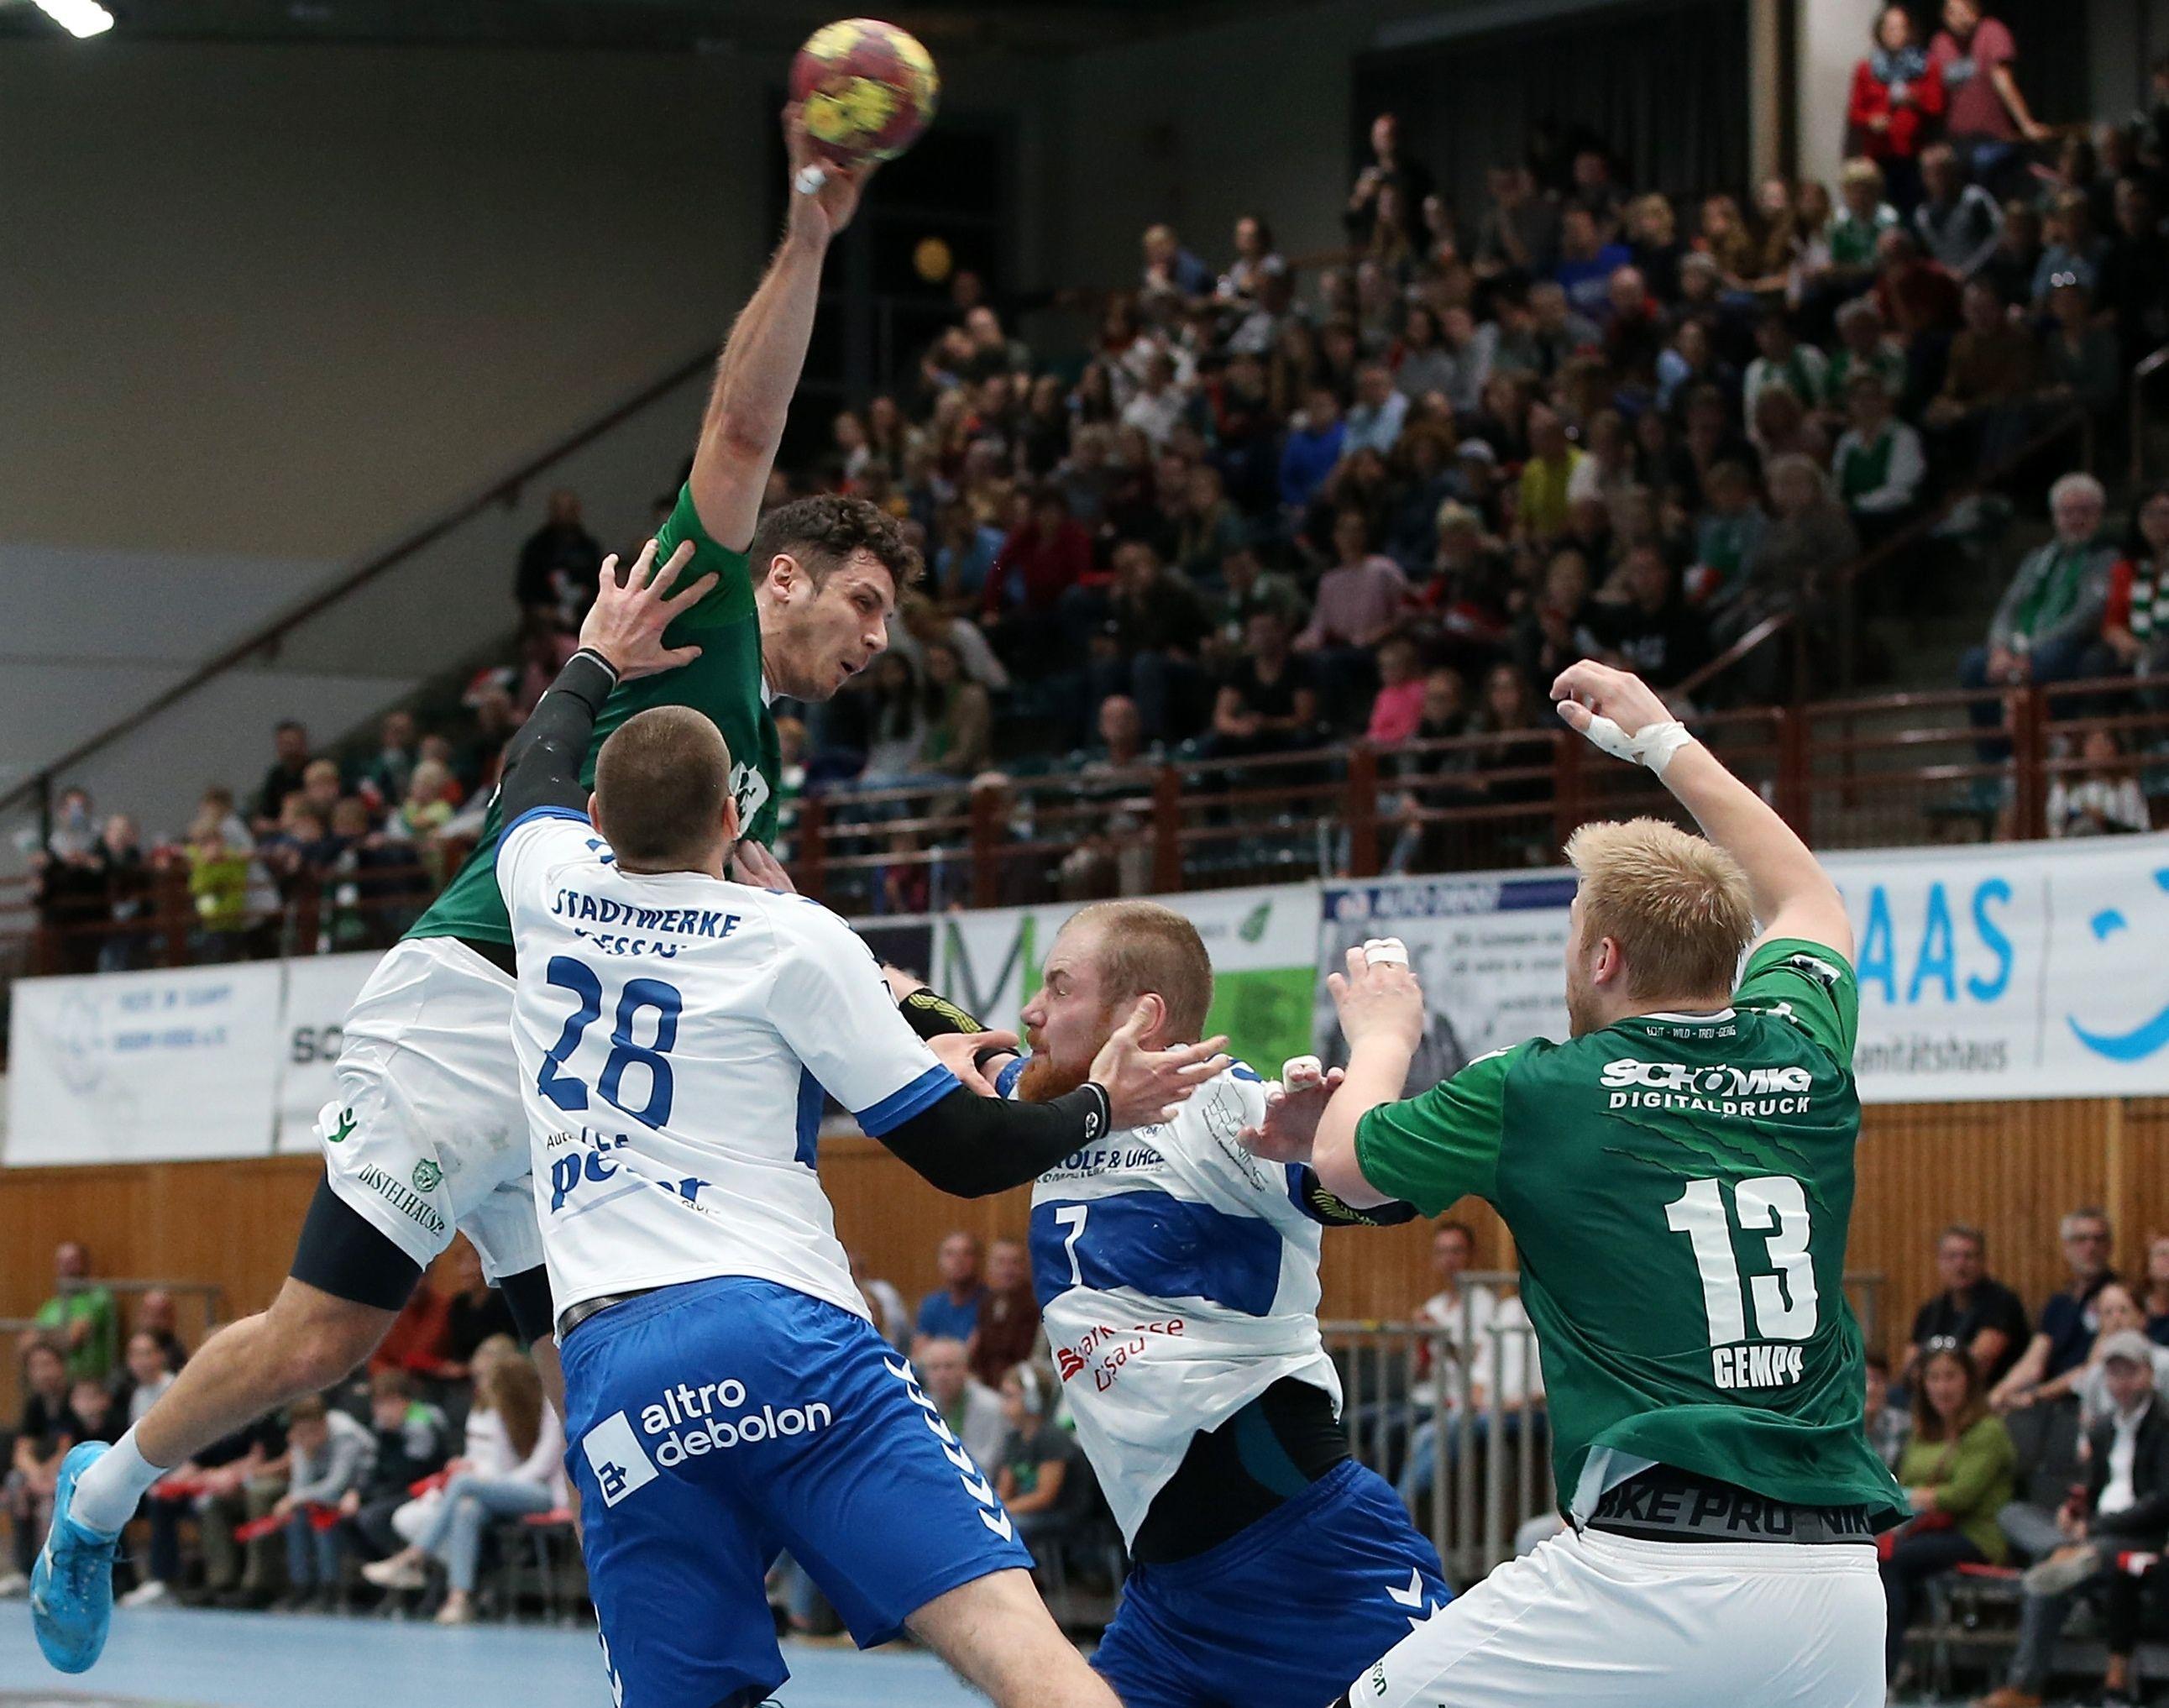 DKB 2. Handball-Bundesliga, DJK Rimpar Wölfe – Dessau-Rosslauer HV 06